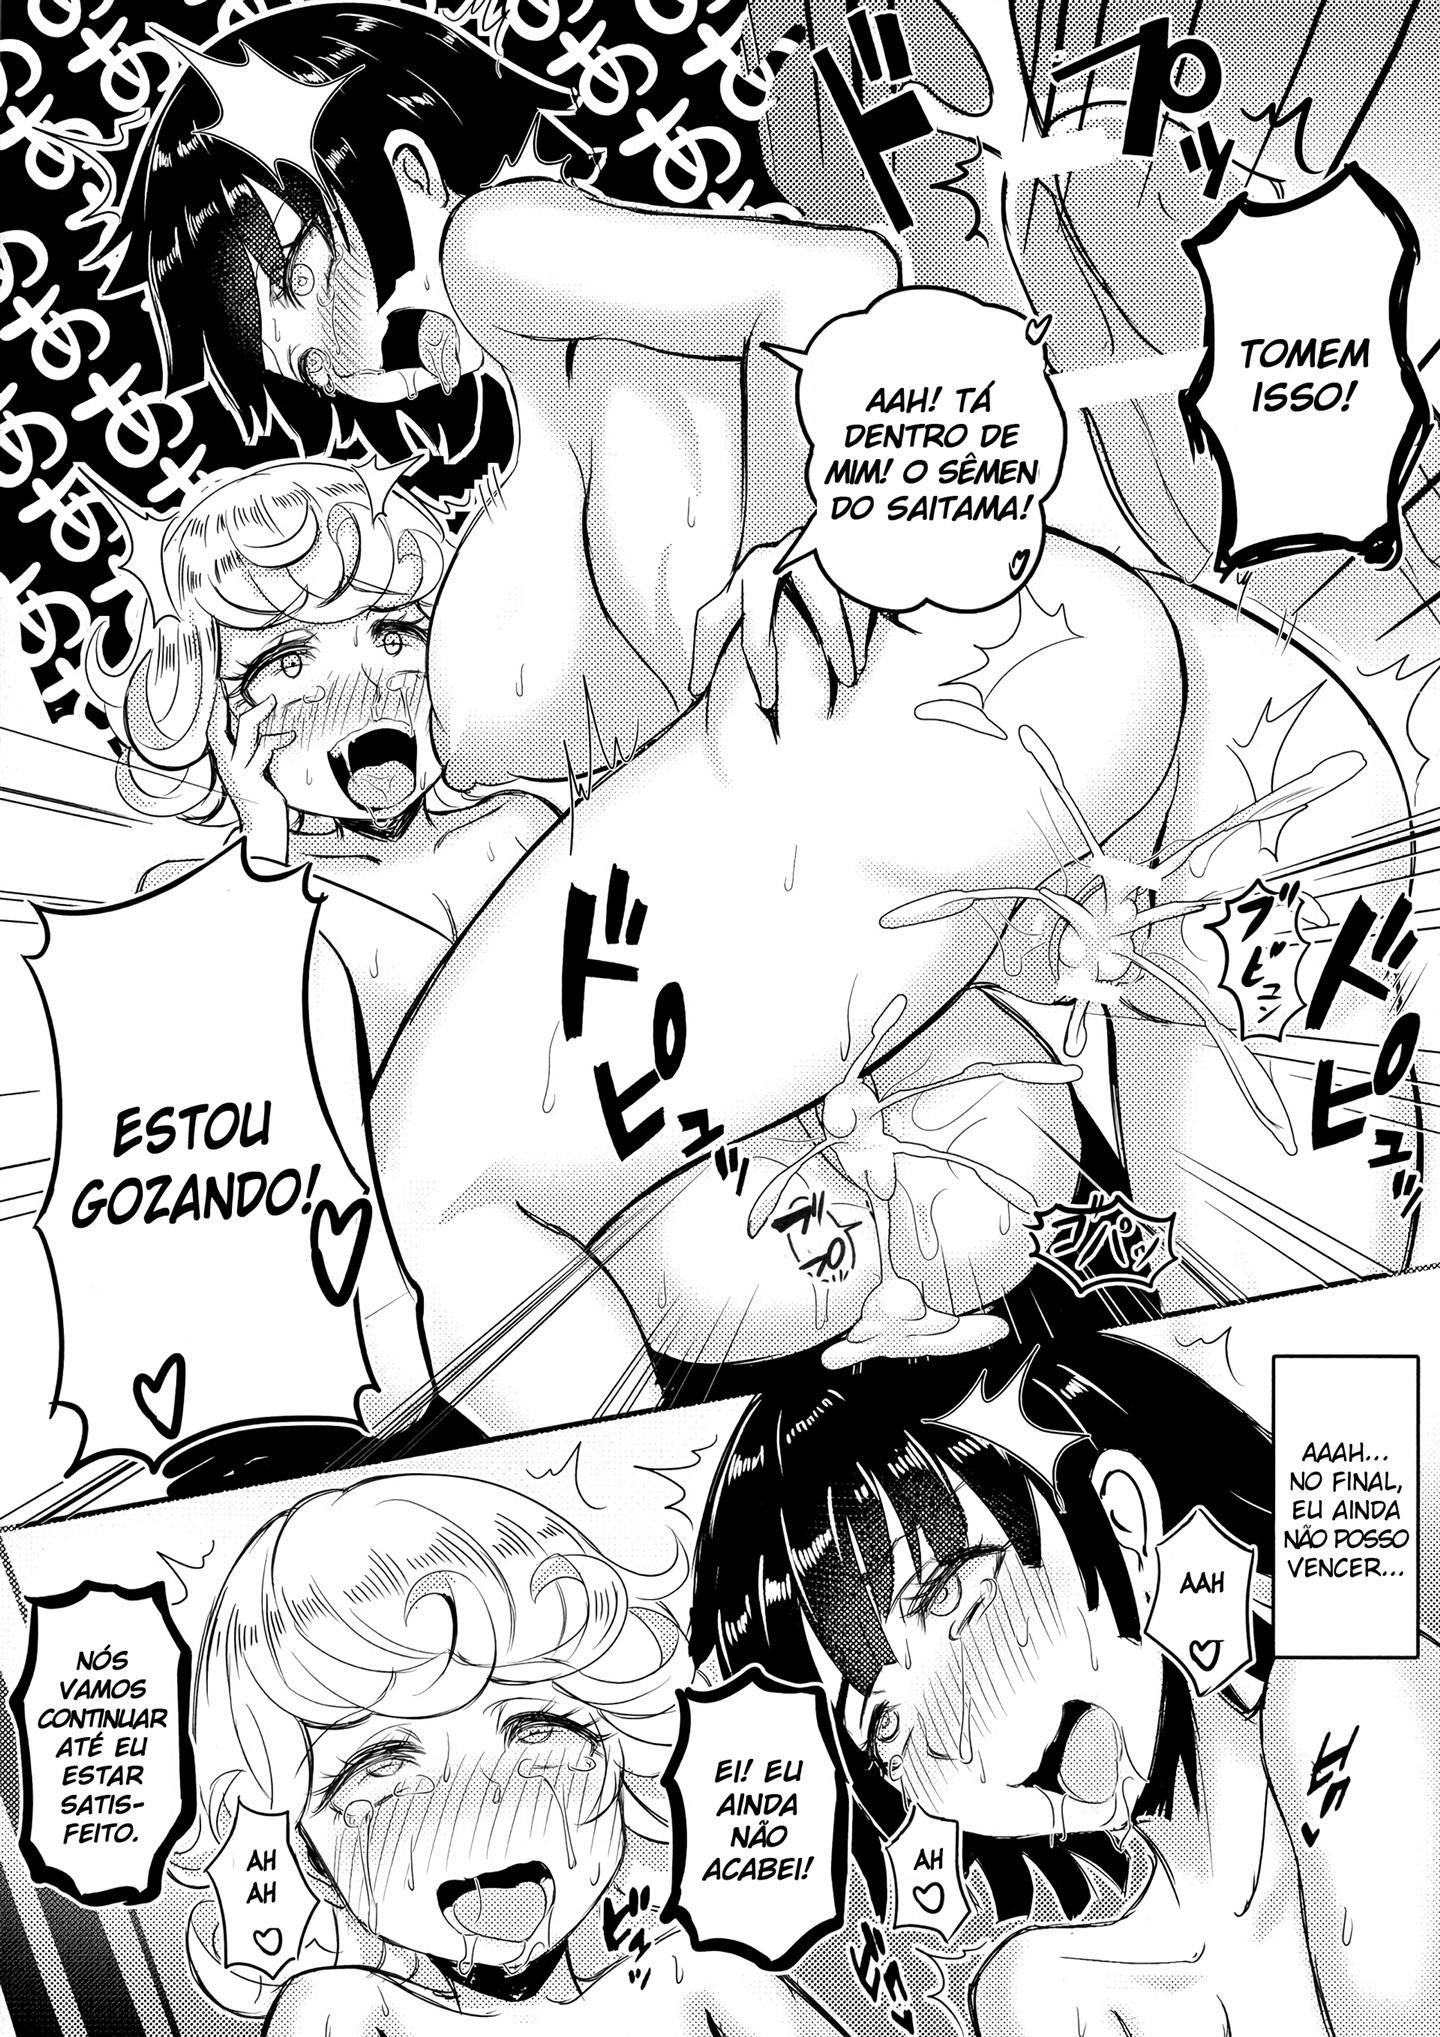 Fantasias eróticas do Saitama - Foto 20